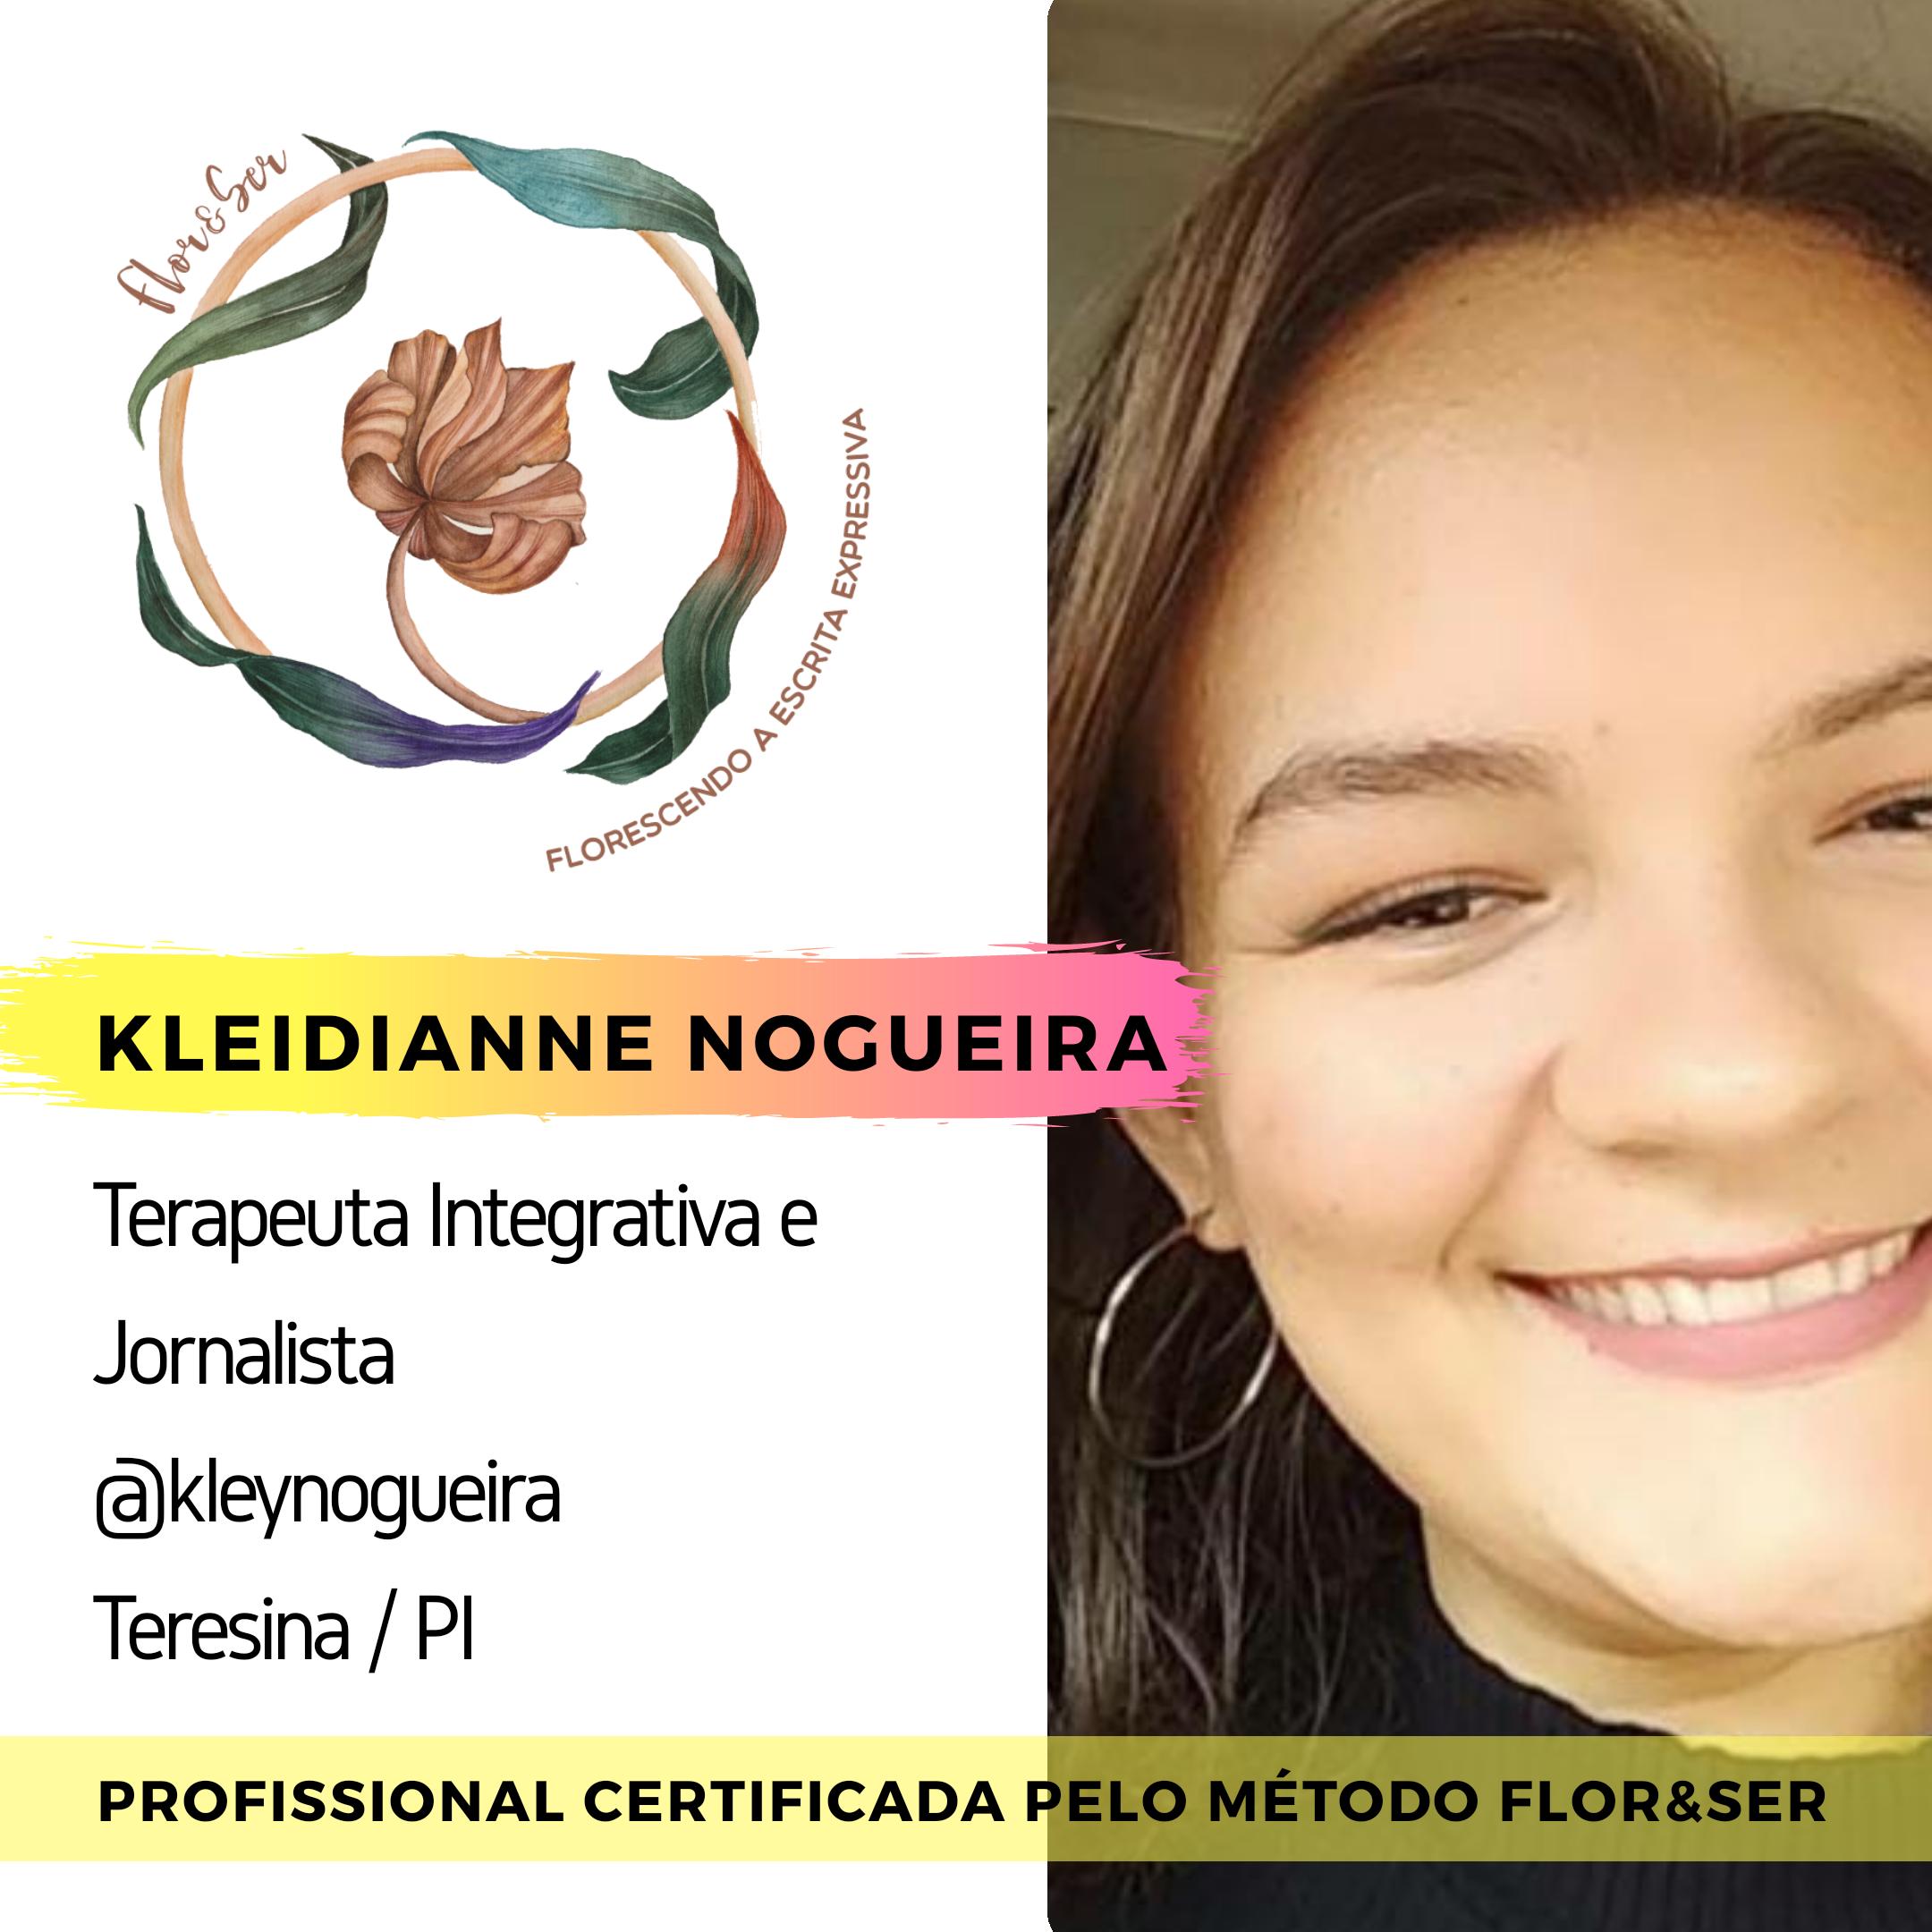 Kleidianne Nogueira